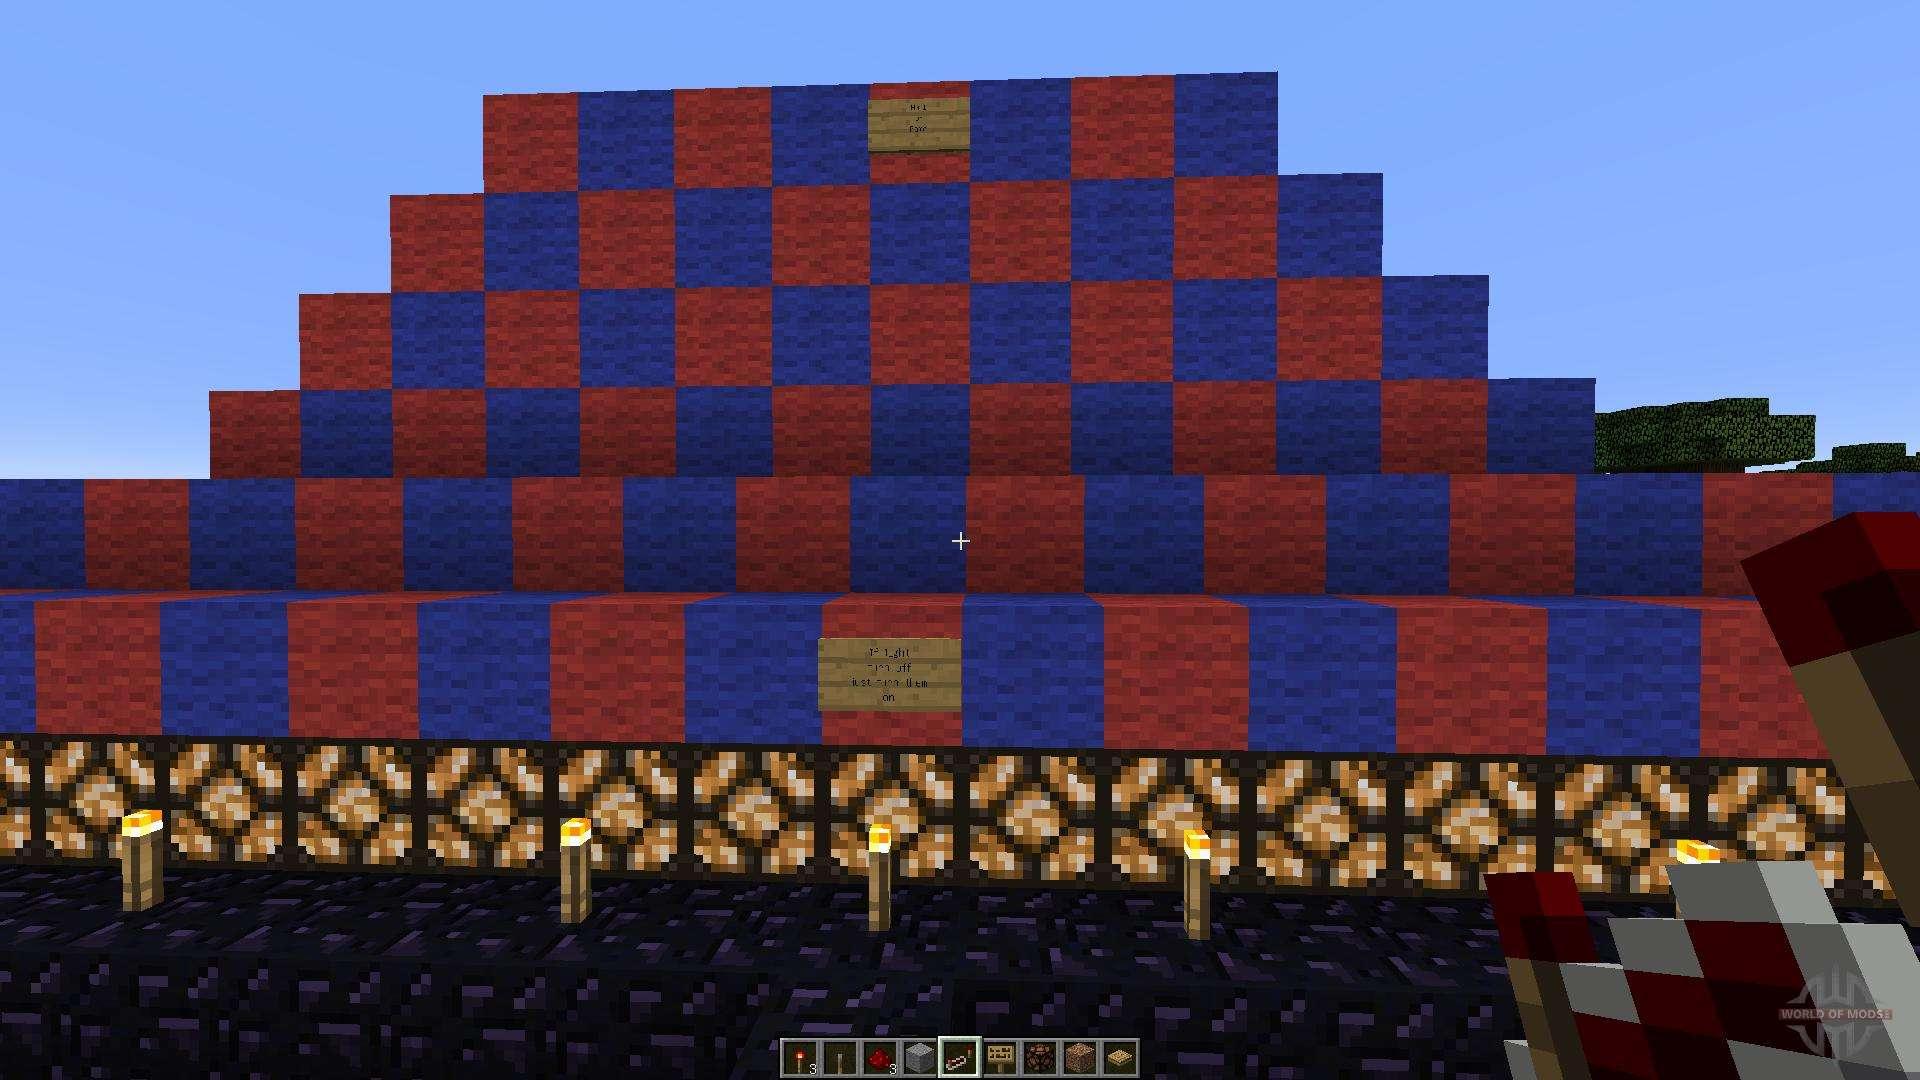 Minecraft Karte Machen.Minecraft Schnellbau Herausforderung Karte Download